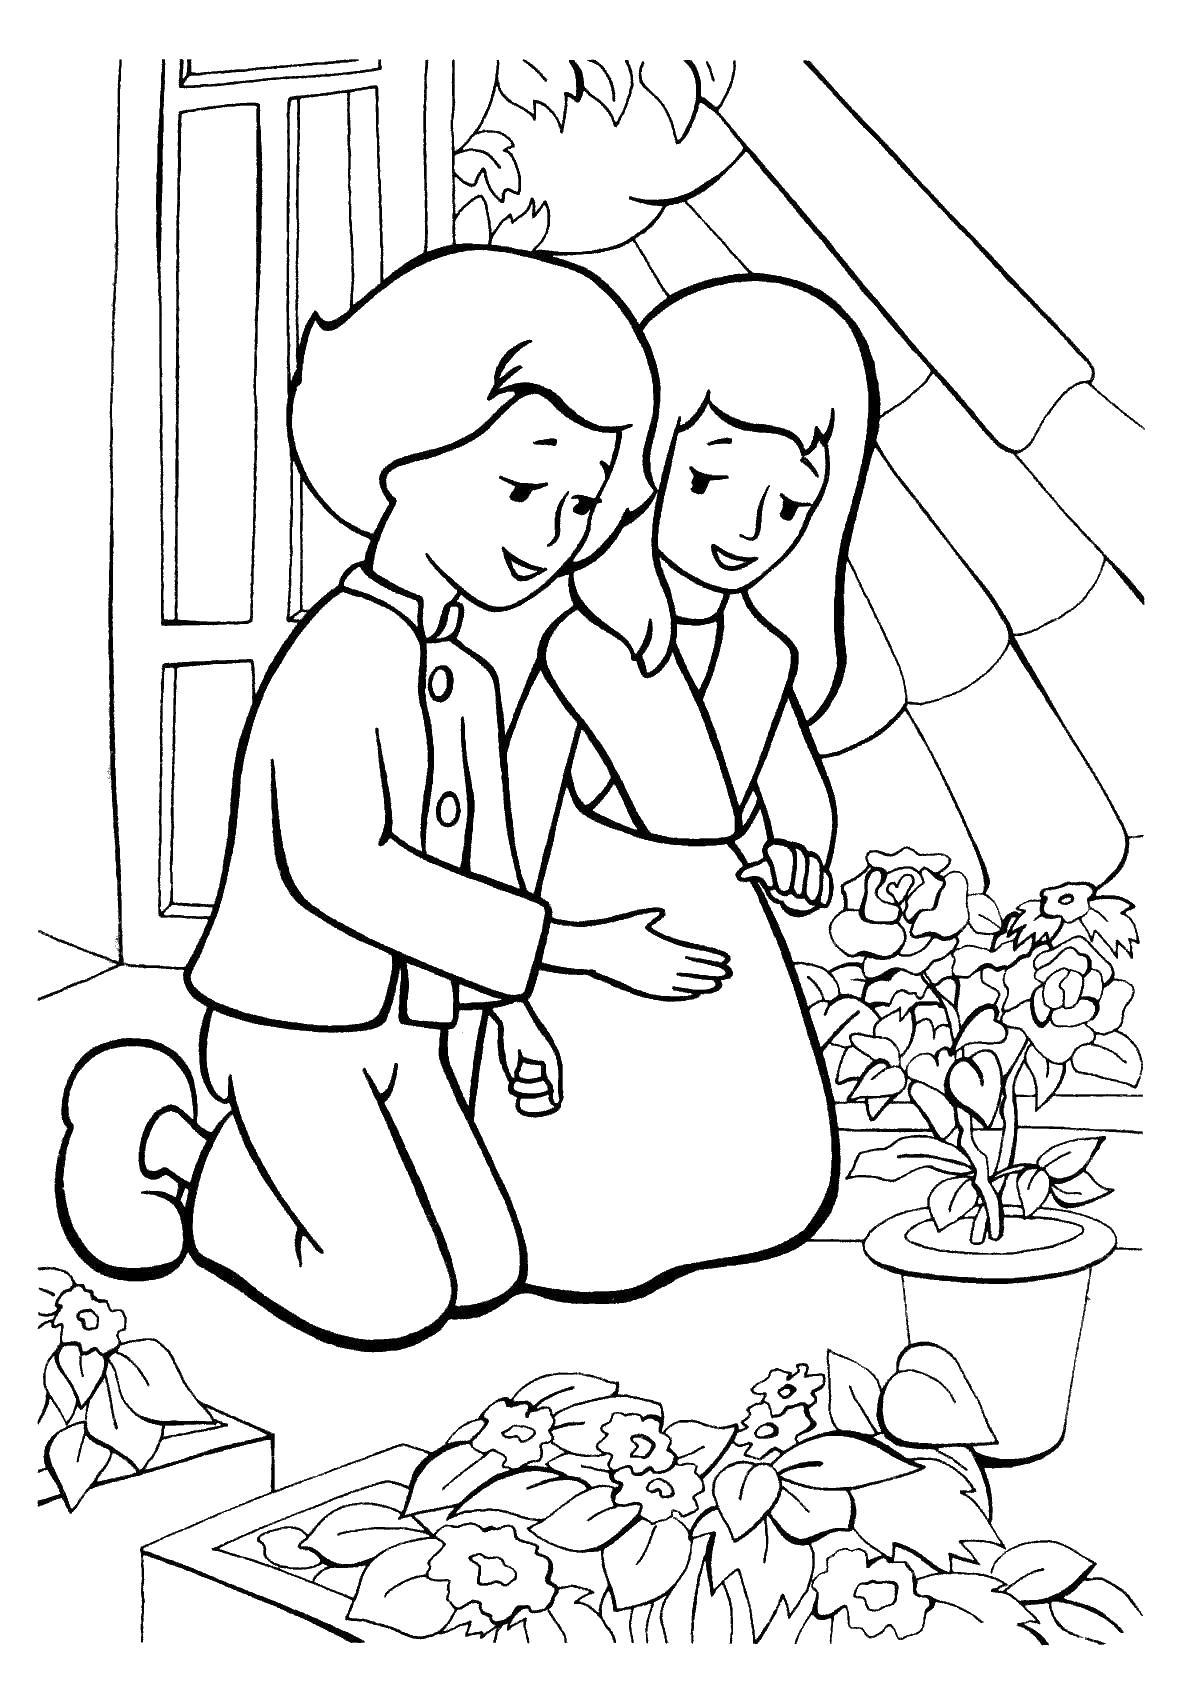 Герда и кай посадили цветы Раскраски для девочек онлайн